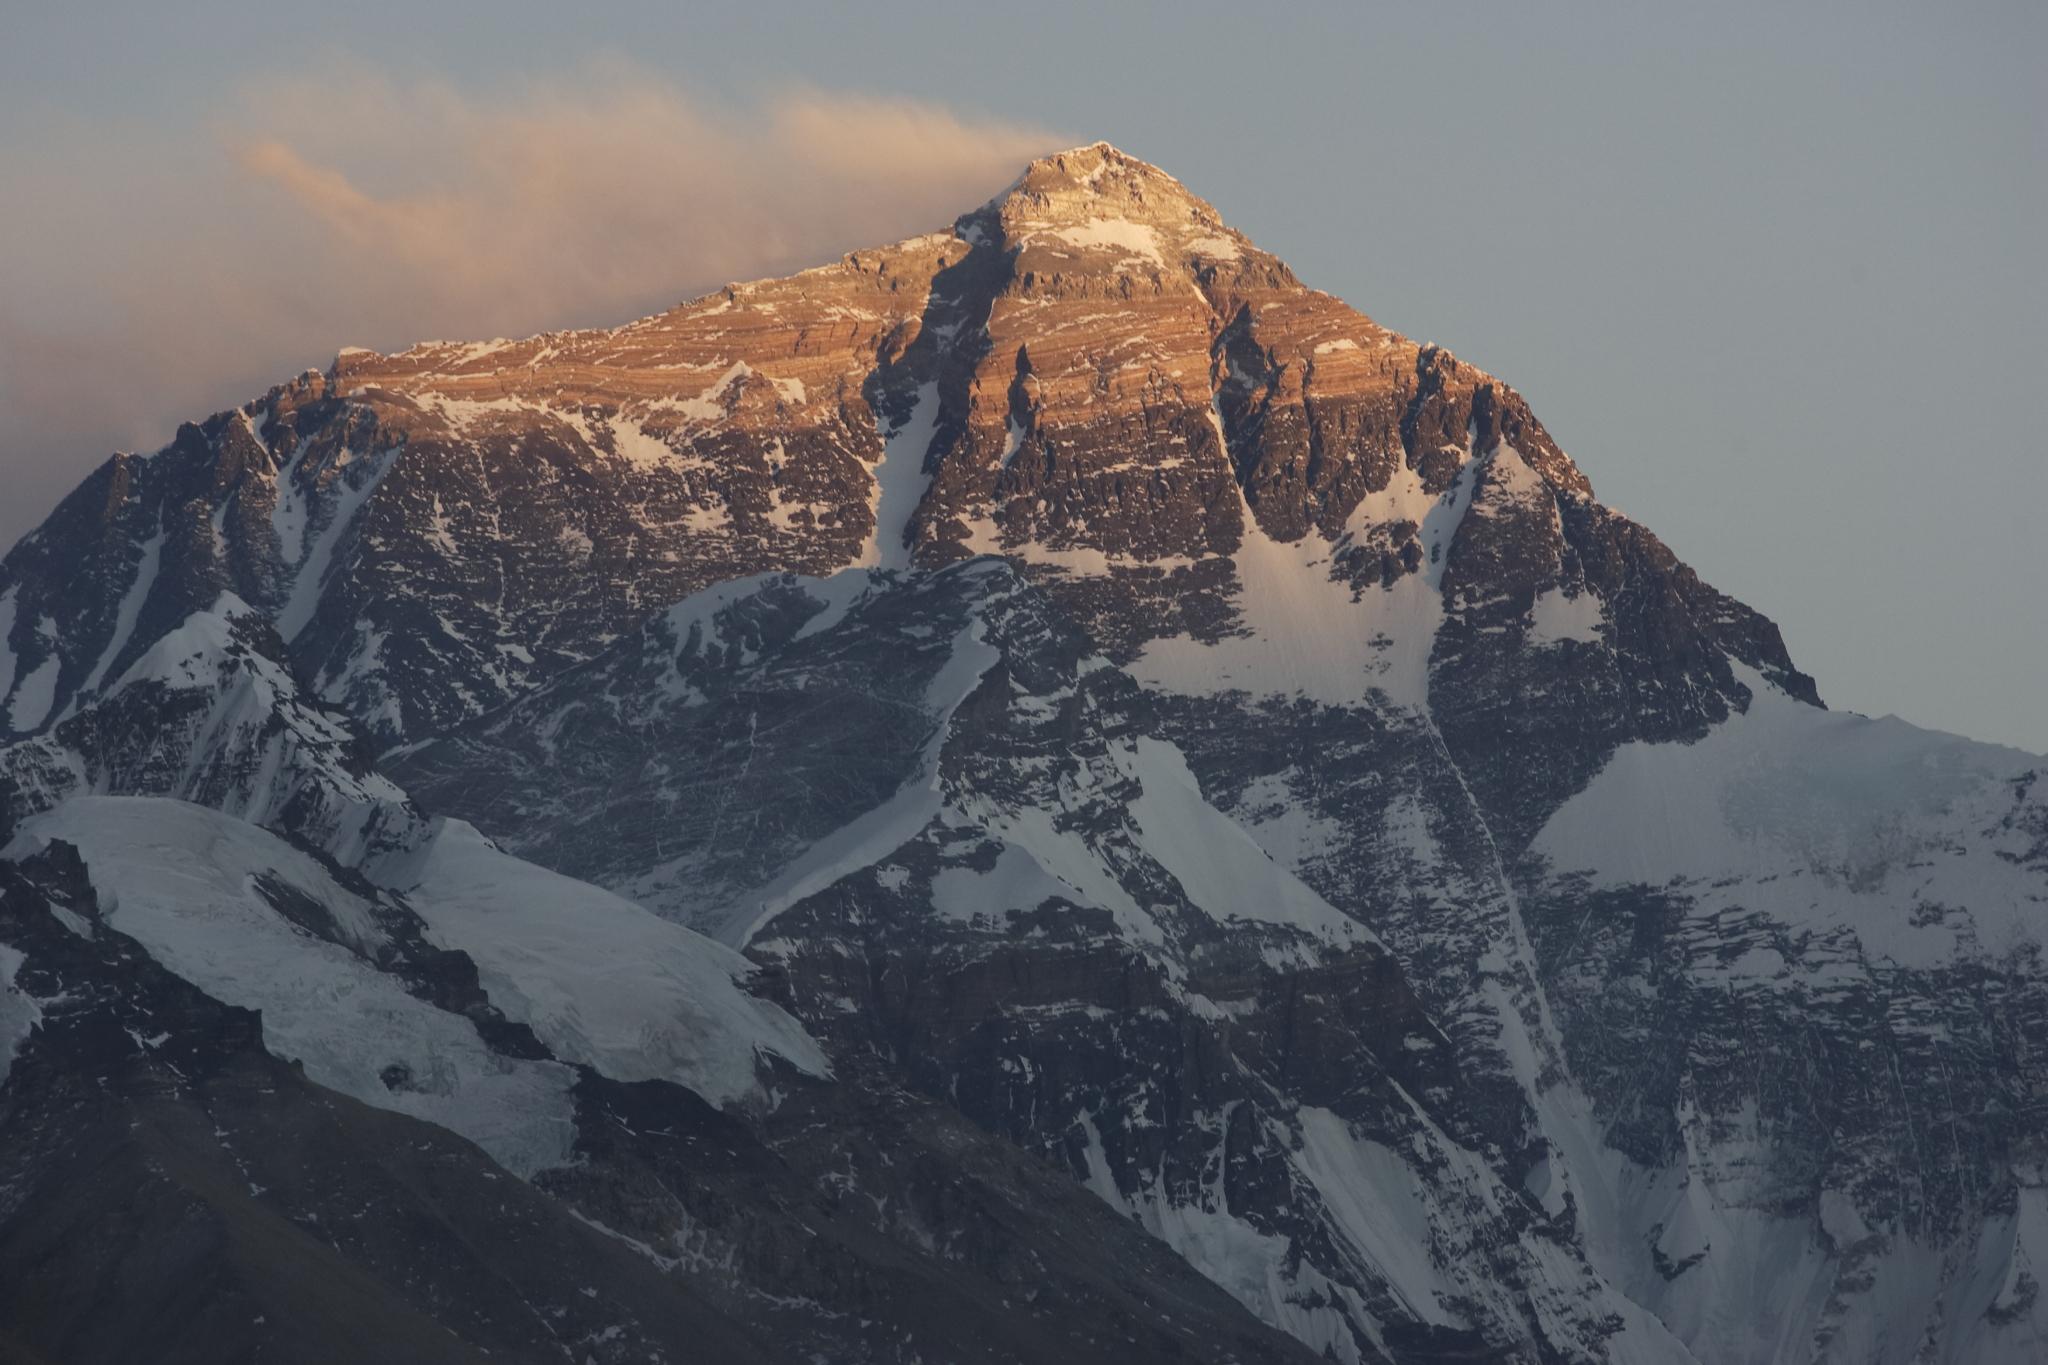 Qomolangma (Everest) sunrise, China